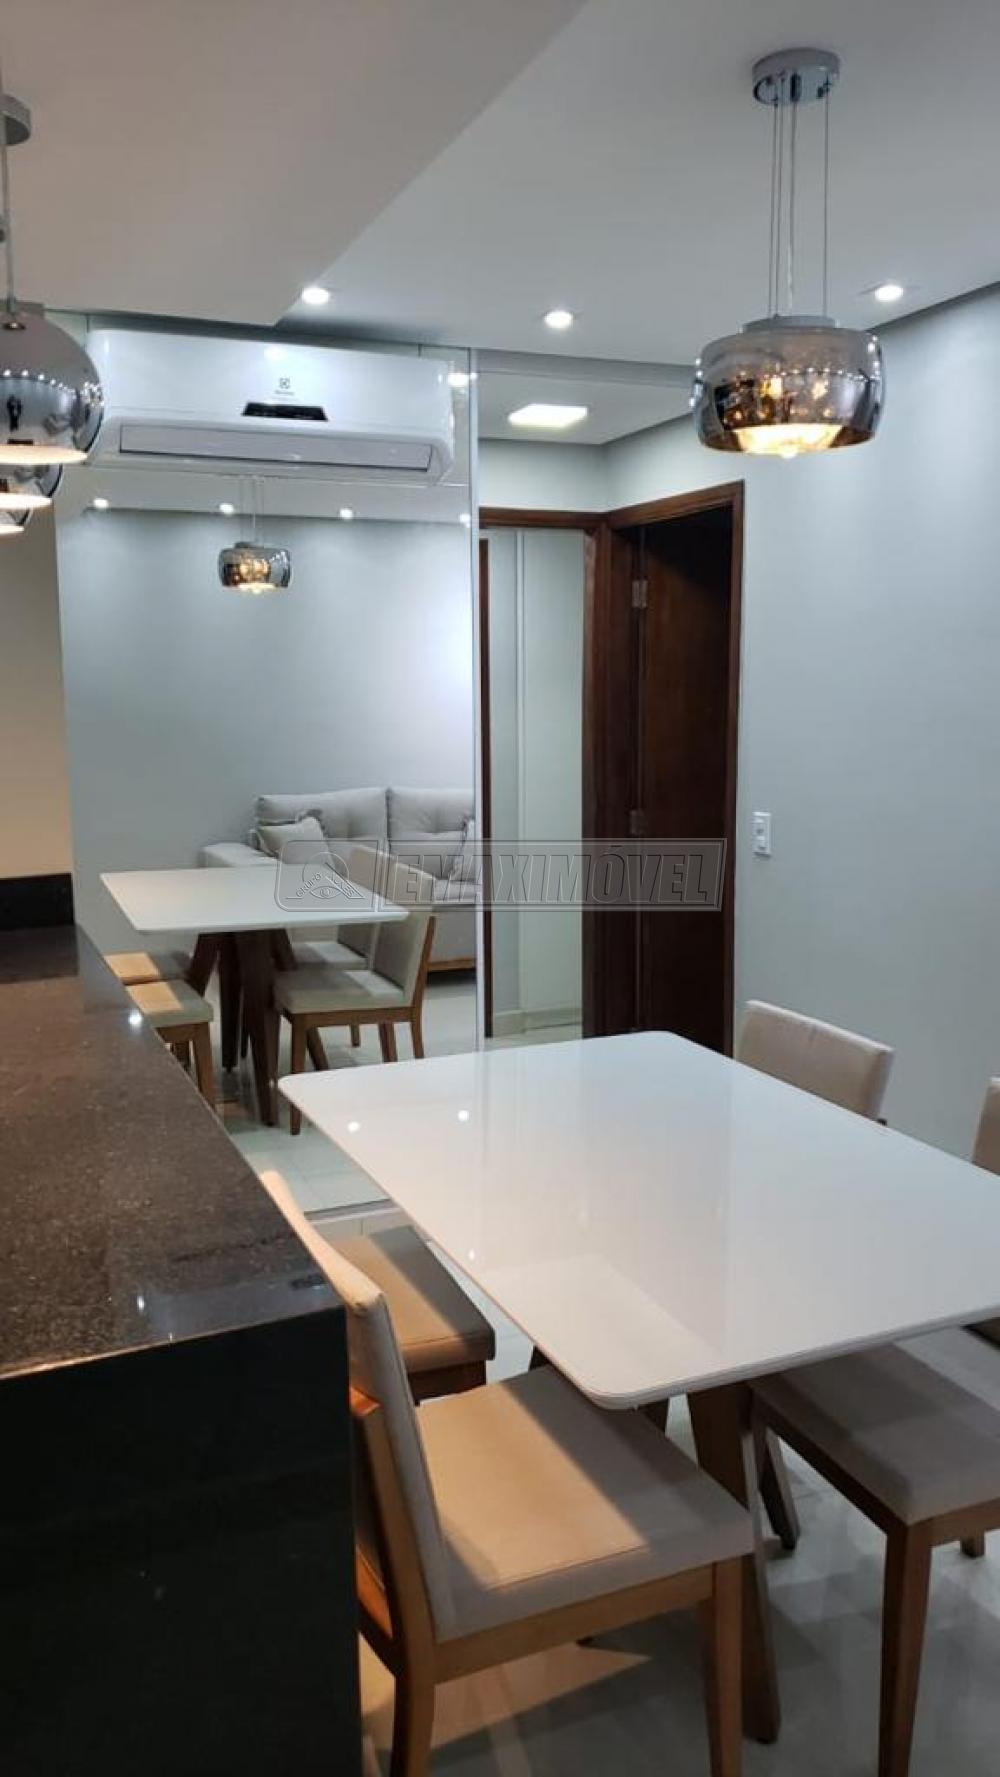 Alugar Apartamento / Padrão em Sorocaba R$ 1.600,00 - Foto 6